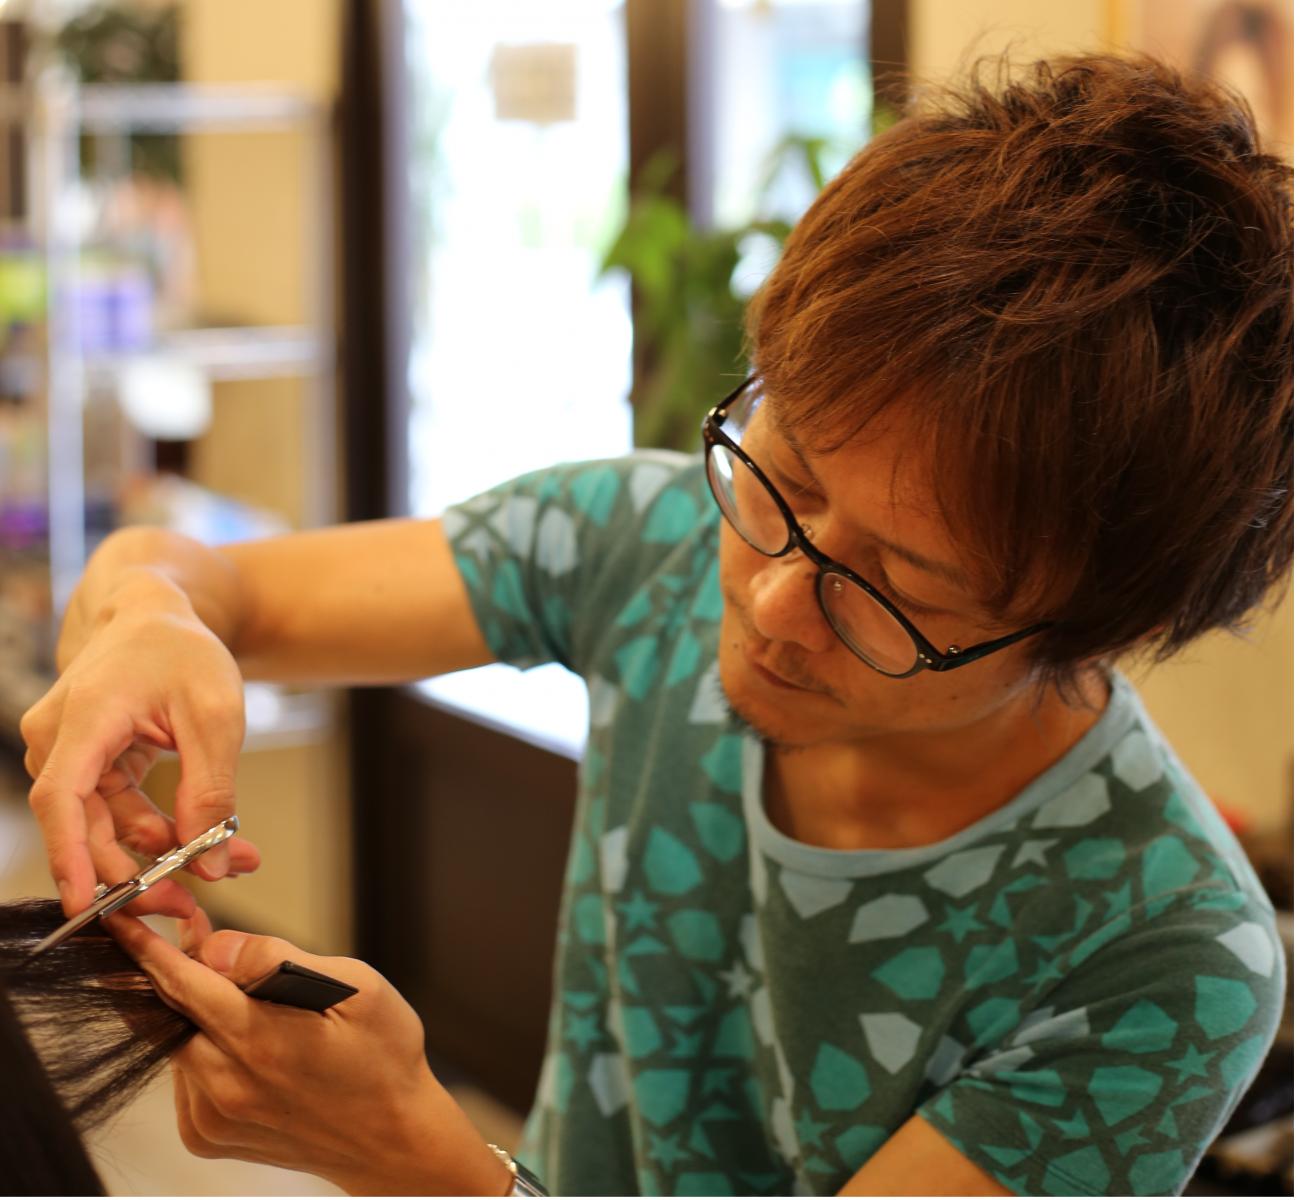 セントジョージが提供するヘアスタイルは、乾かすだけで再現しやすいナチュラルヘアが特徴です。ドライカット(髪の乾いたナチュラルな状態でのカット)で、濡れた状態では分かりづらいお客様の自然な状態での髪質、毛量、毛流を把握しながら質感、量感を調整し、ウィ―ビングカット等で束感を作る繊細なカット技術は微妙なタッチを計算されたカットです。時間が経ってもスタイルが崩れにくく「伸びてもカッコいい」ヘアスタイルを作ることができます。また、スタイリストによって技術面でのバラツキがないようにトップスタイリストが作成した基礎からトレンドスタイルまでの技術マニュアル動画により高い技術力のレベル統一がなされています。是非セントジョージのこだわりカット技術を御体験下さい。